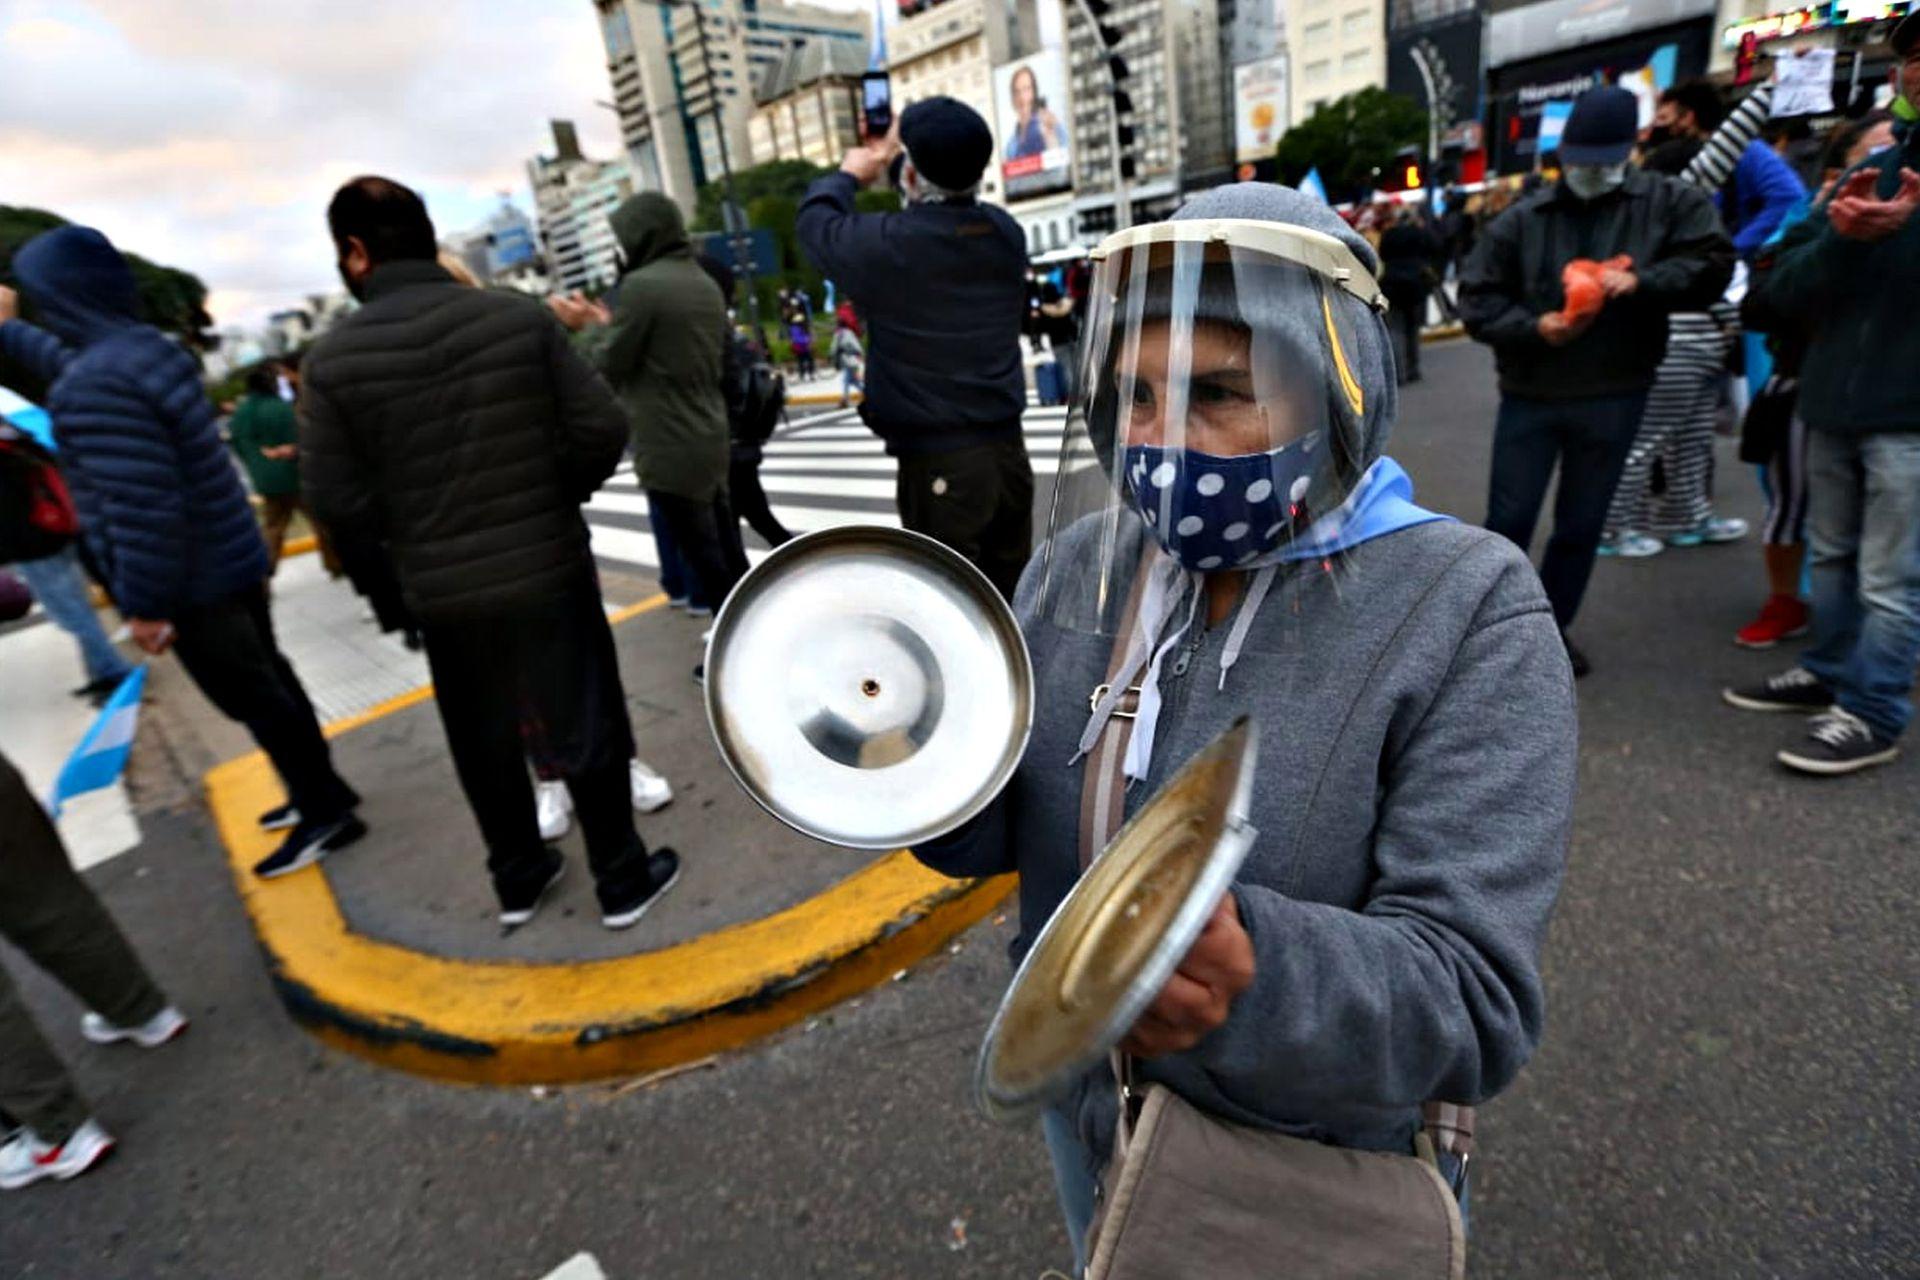 Las tapas de las cacerolas, infaltables en las manifestaciones en contra de los gobiernos peronistas